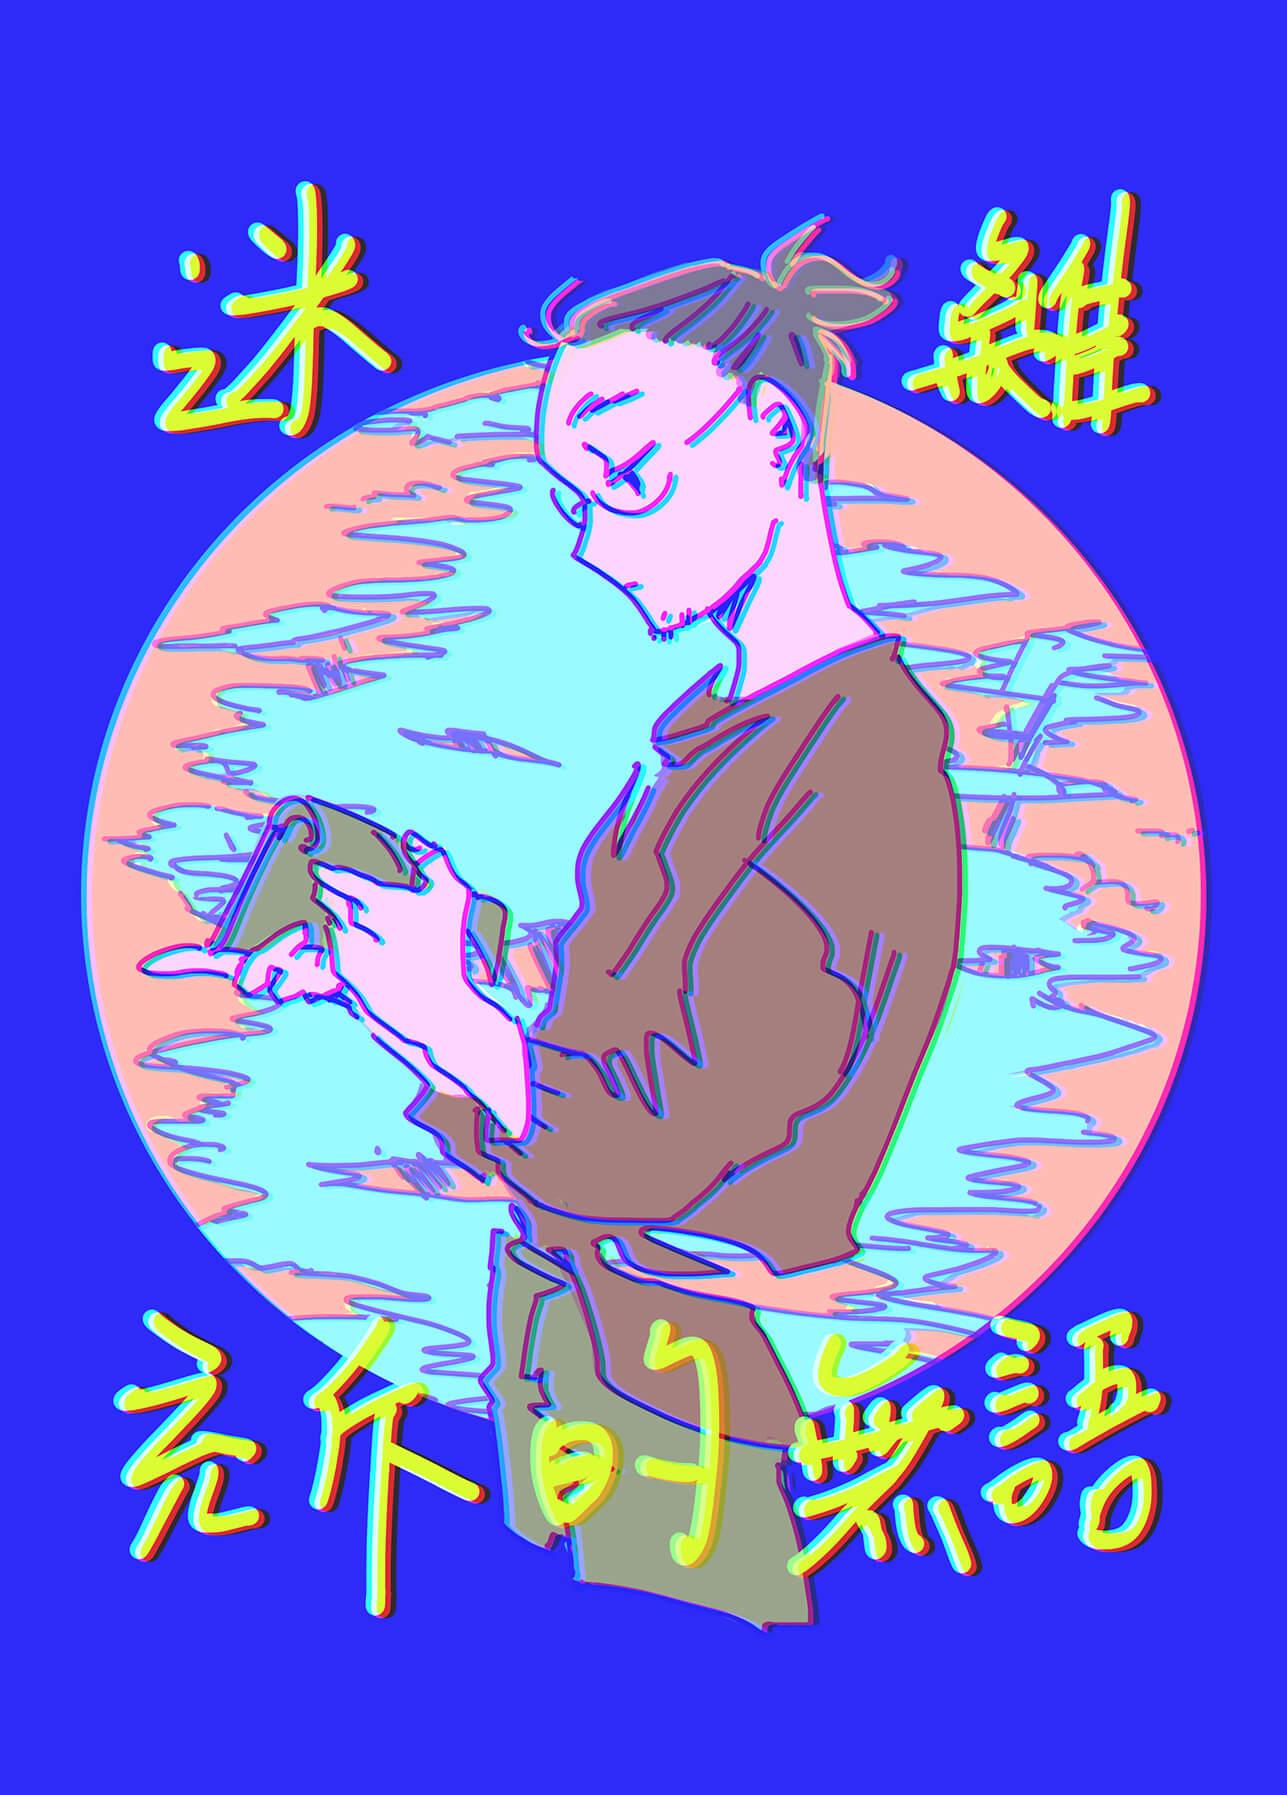 Double-poem_02